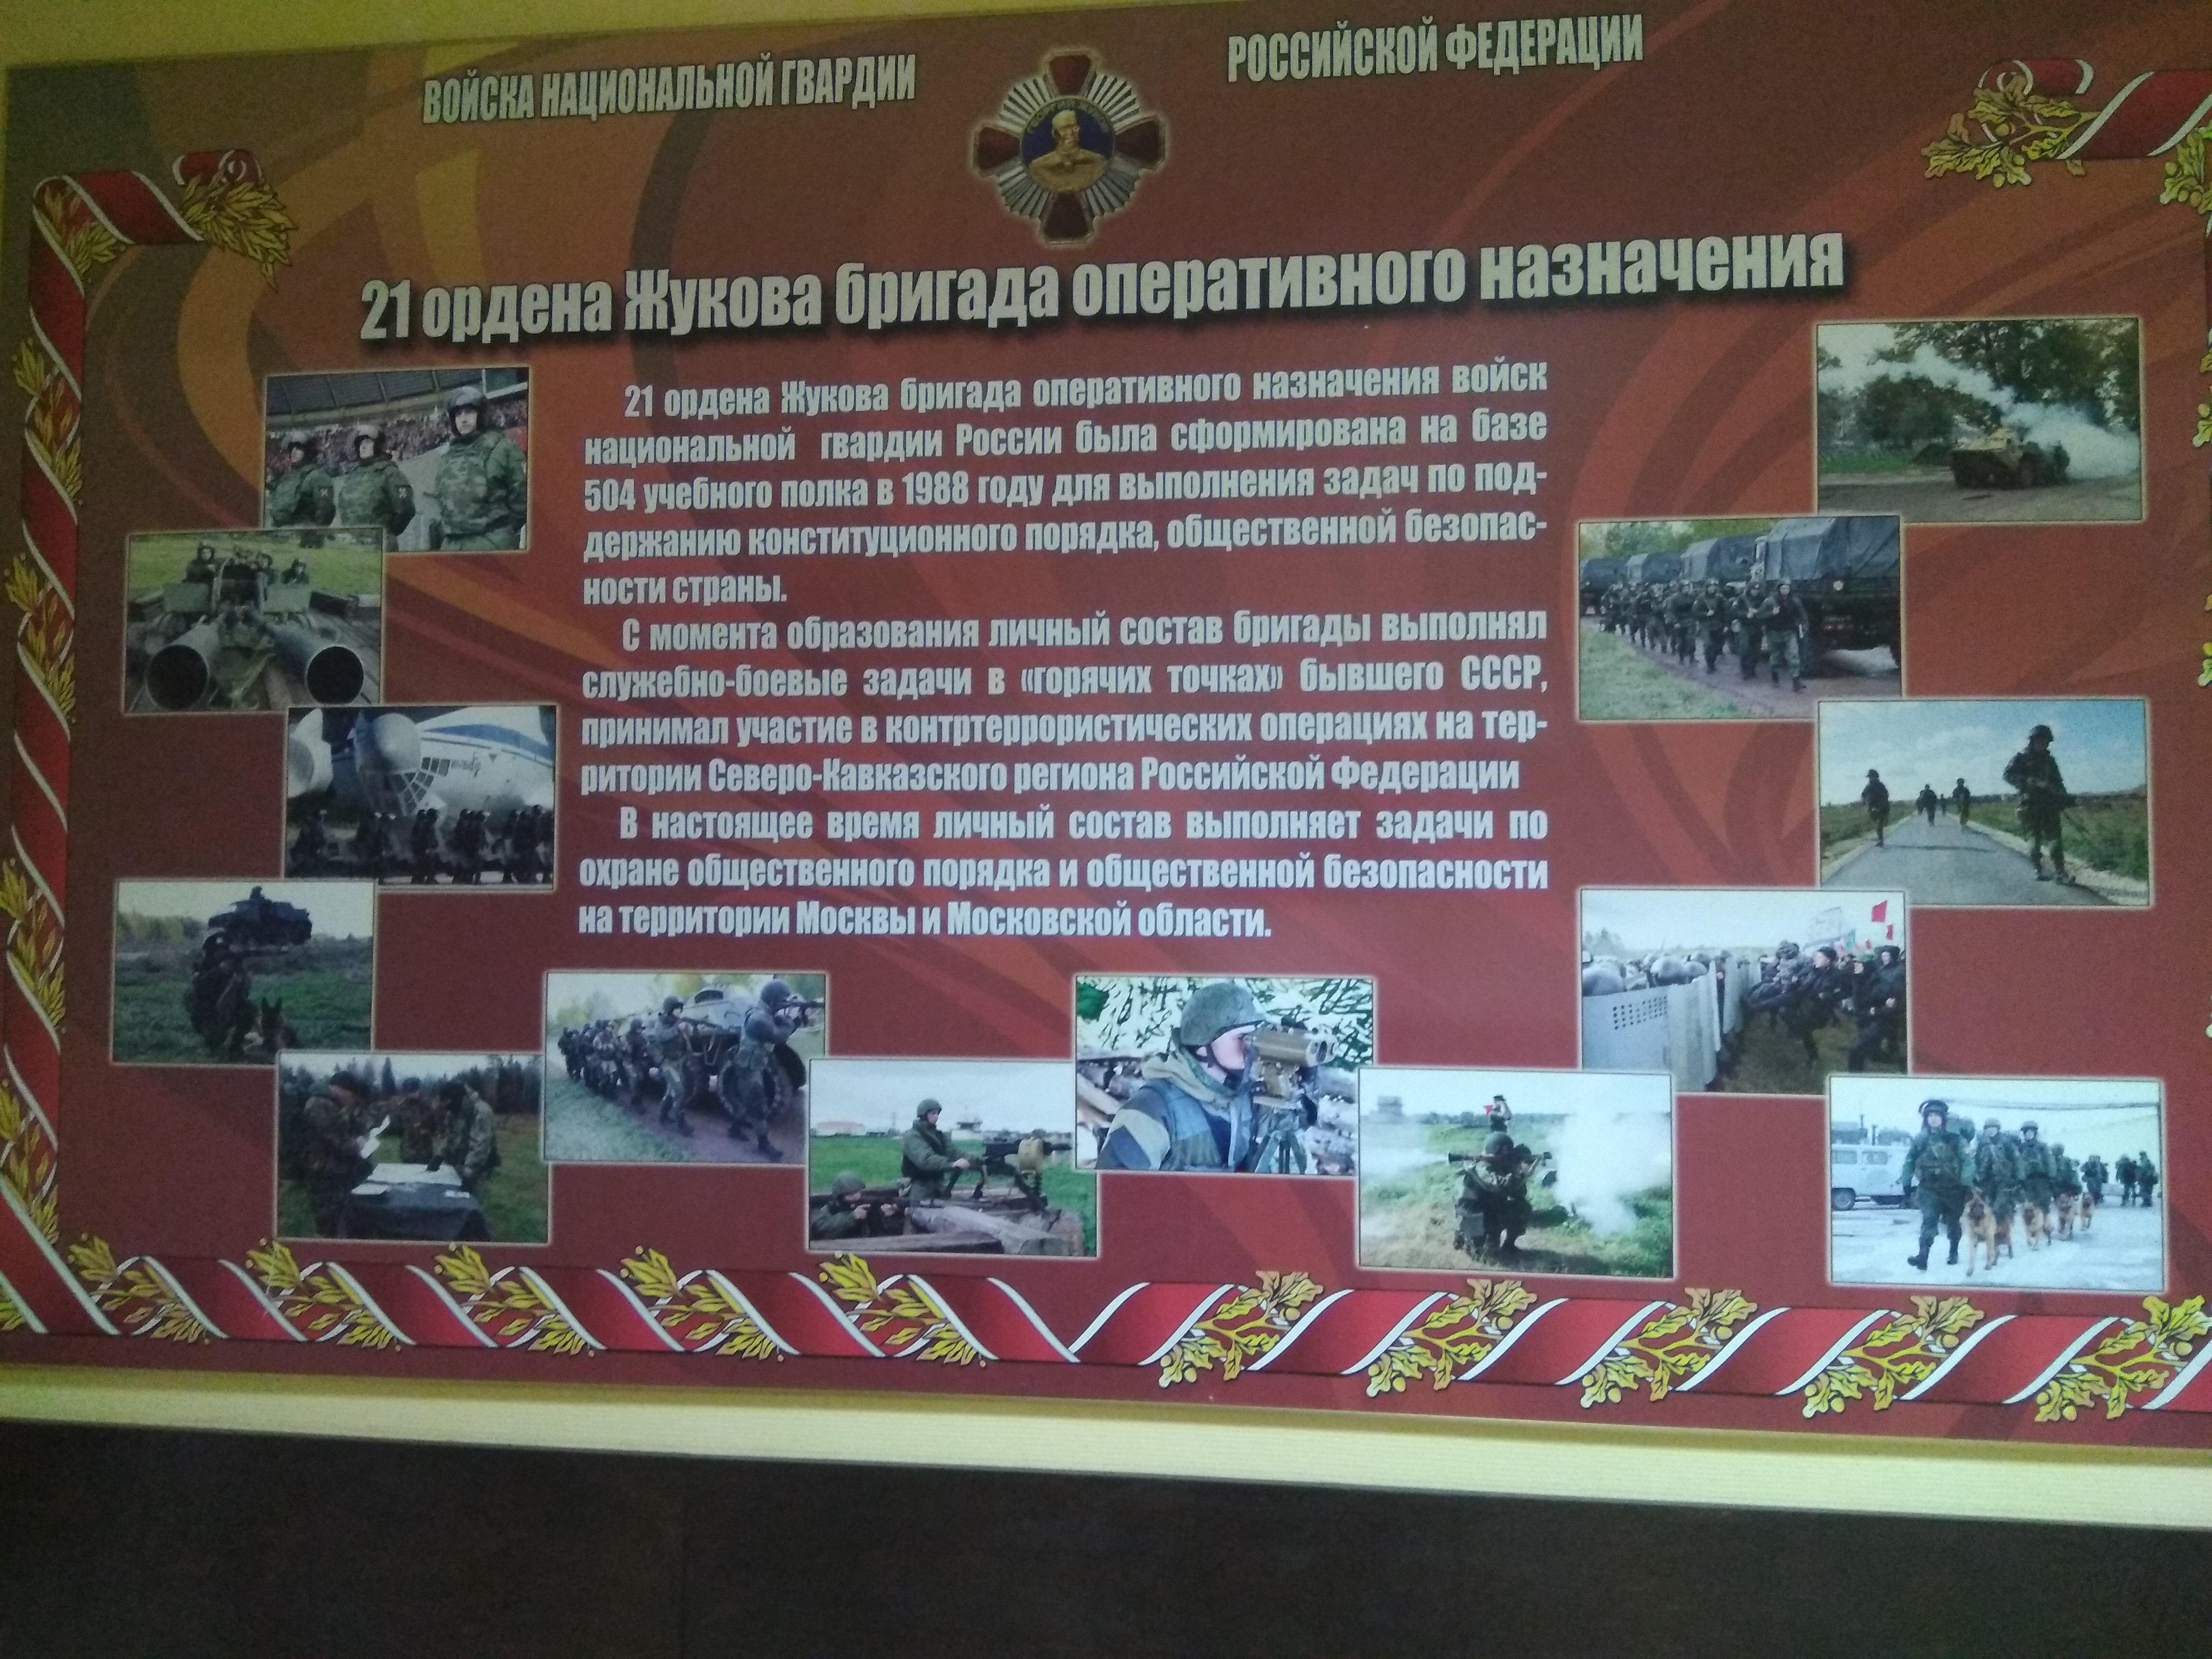 """Общее дело"""" в 21 Софринской бригаде Оперативного назначения Росгвардии"""